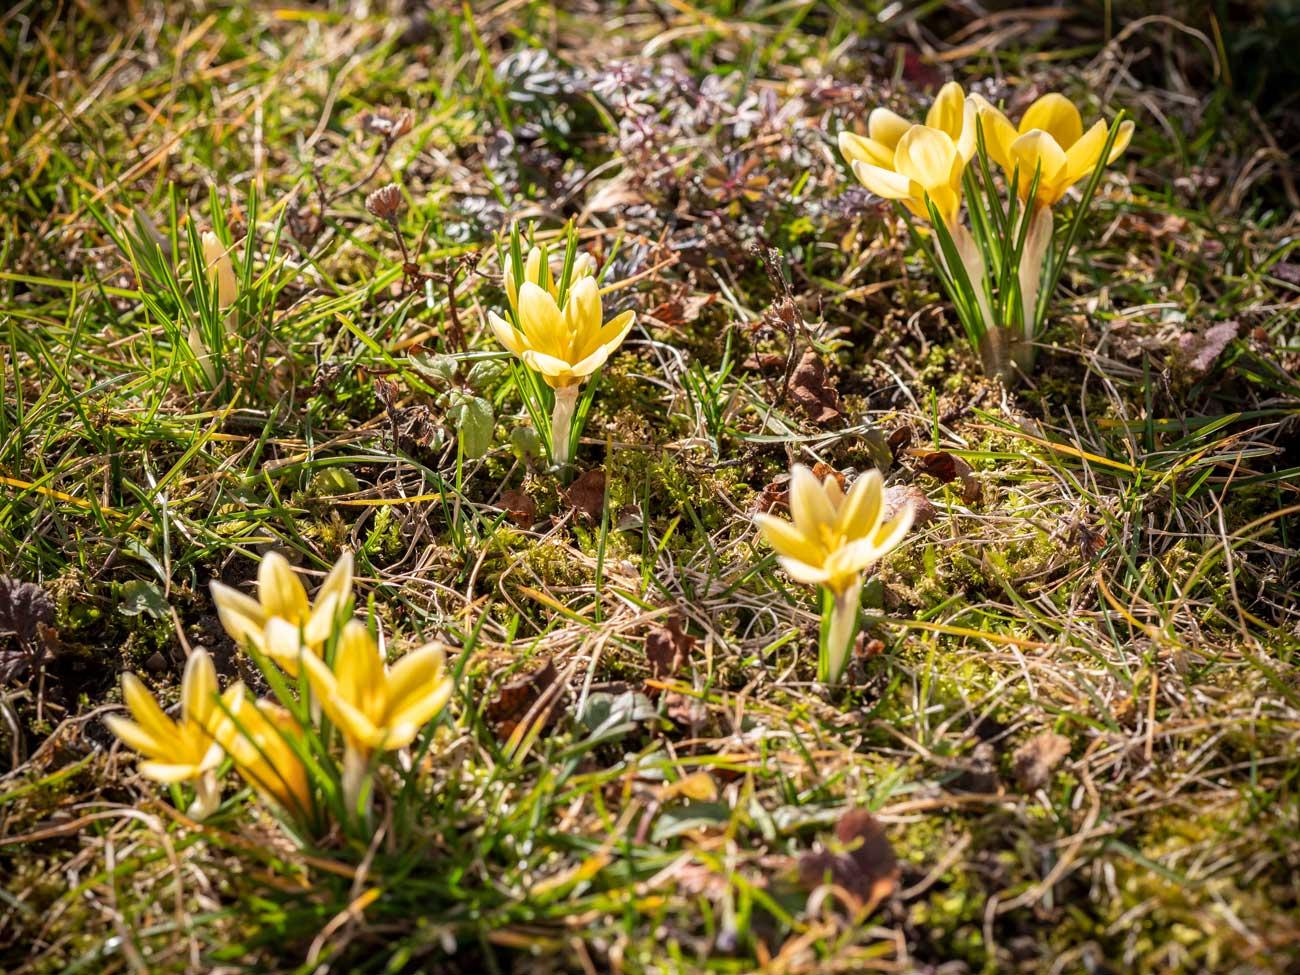 Frühling mitten im Winter?